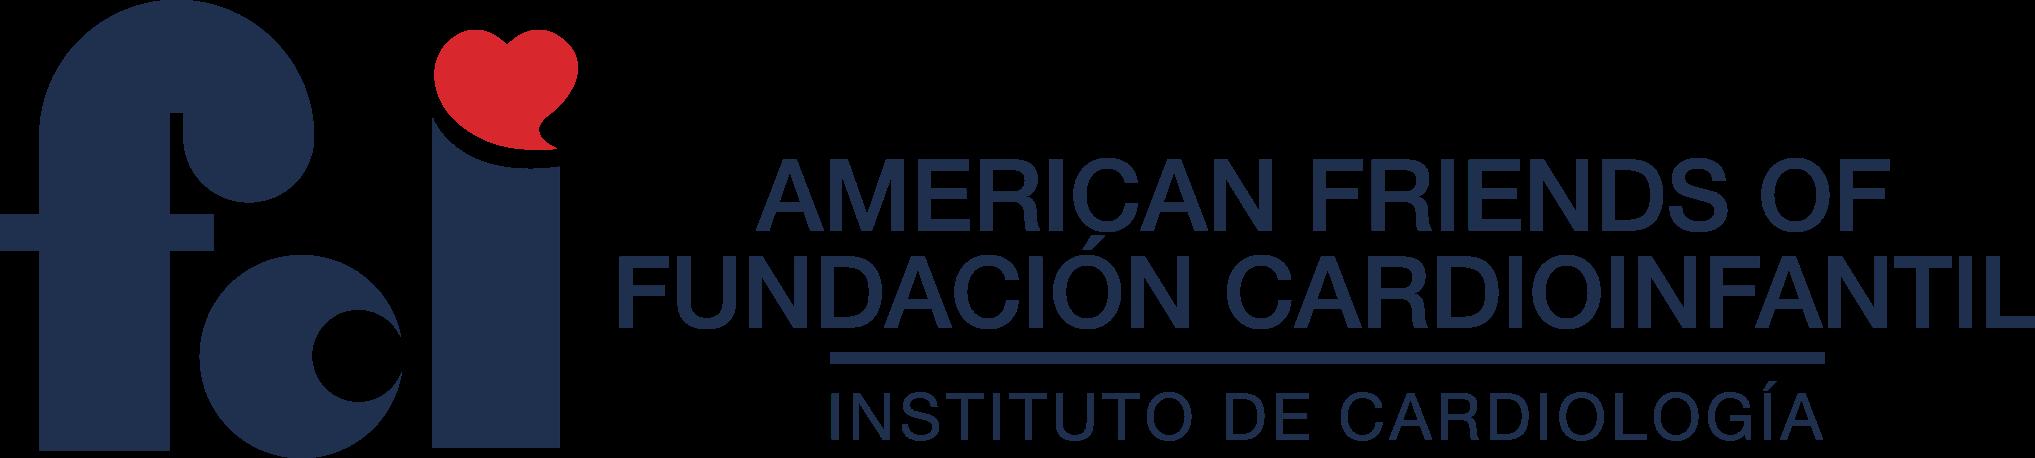 Fundación Cardioinfantil logo